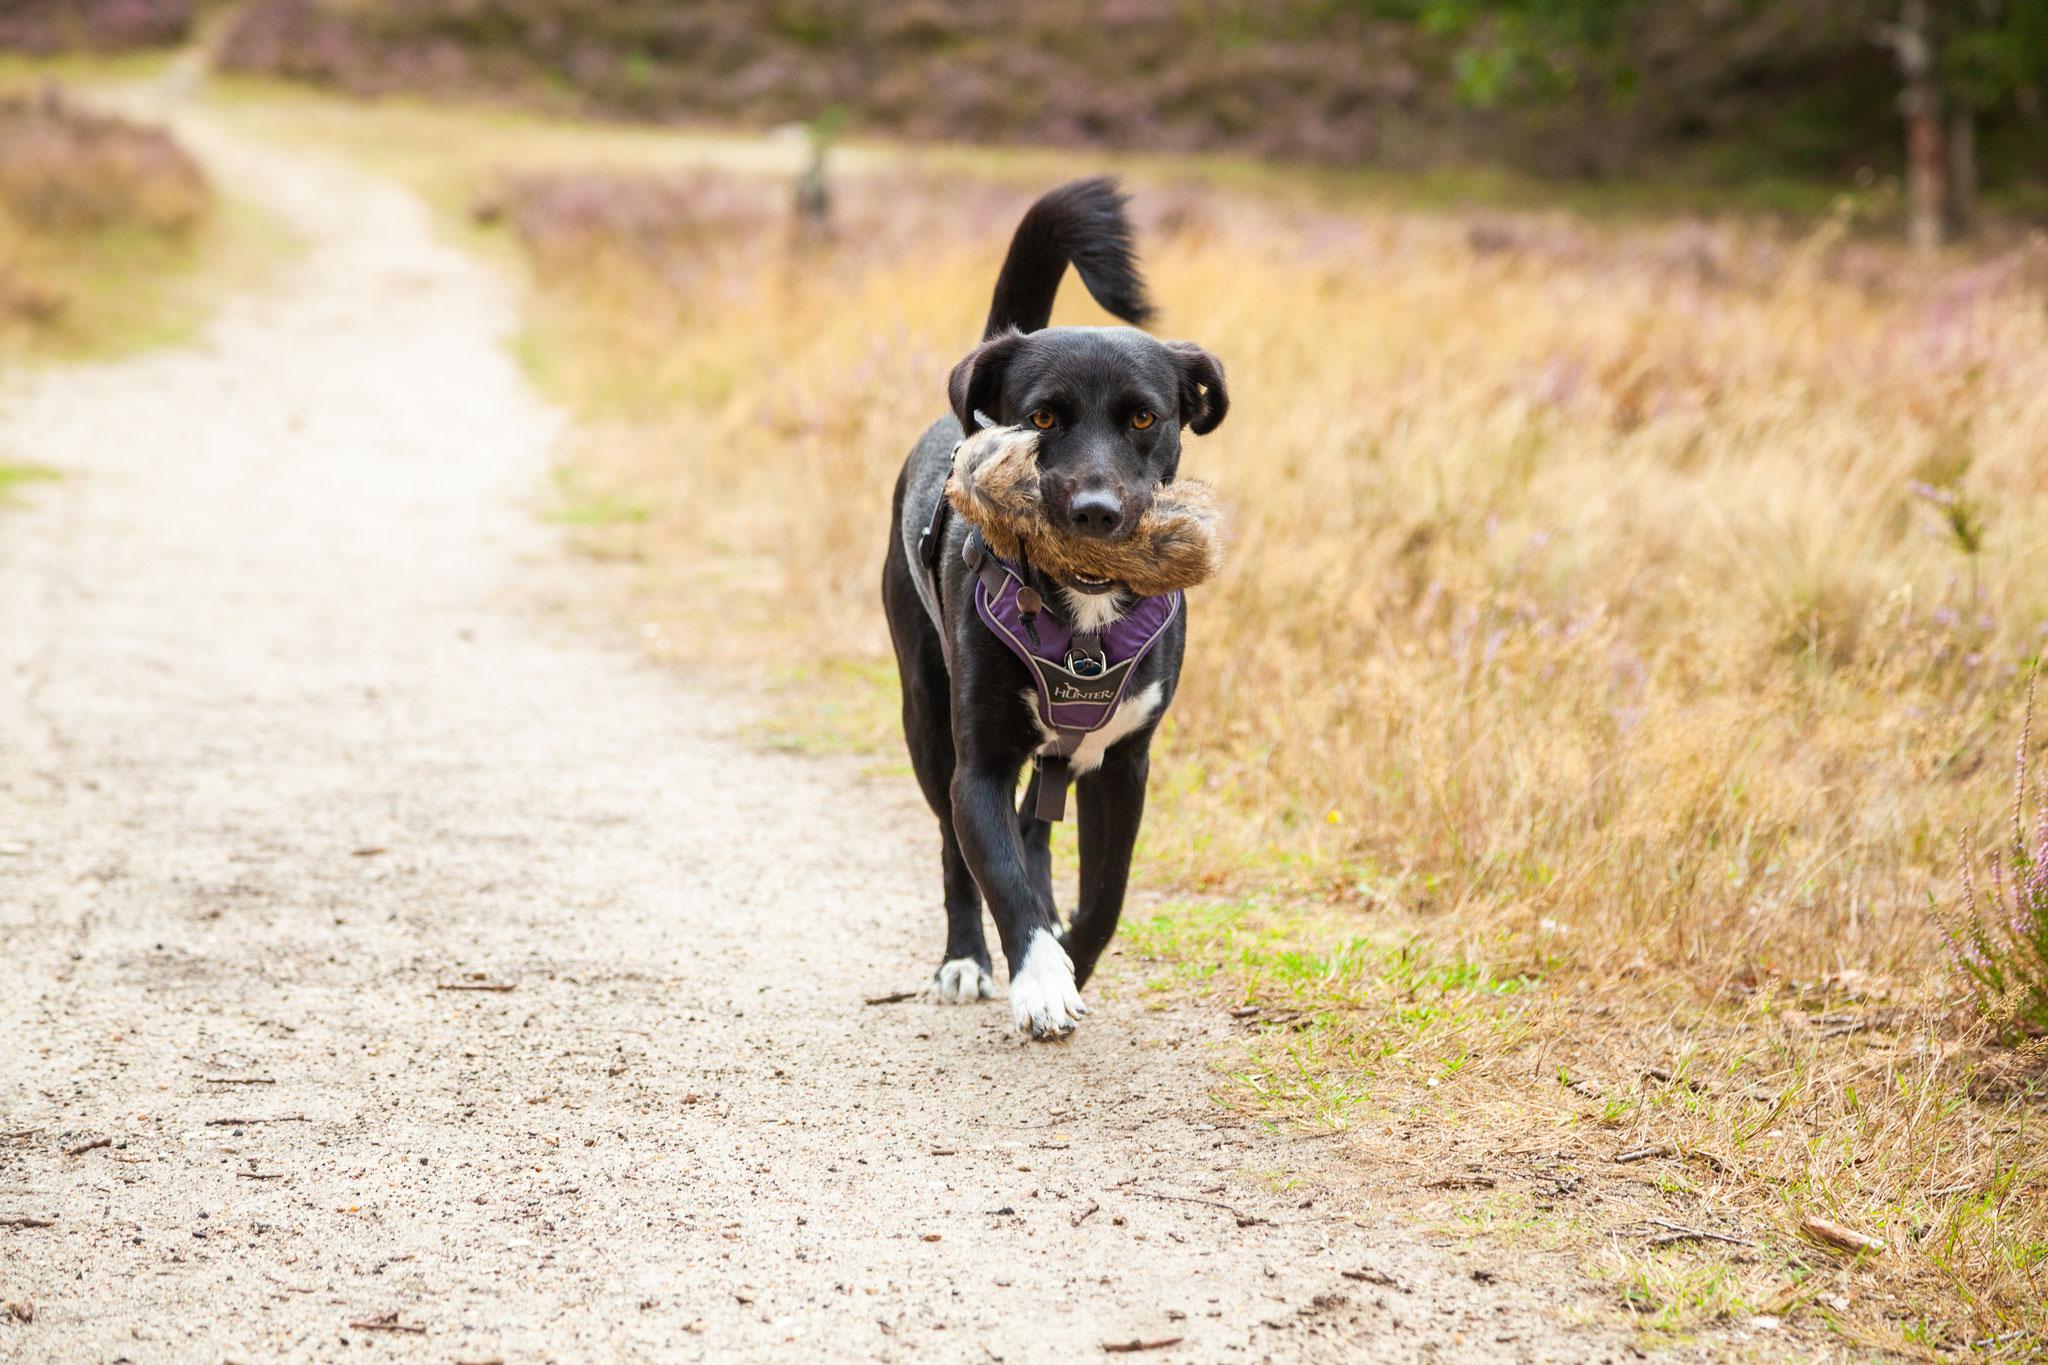 Ein Hund läuft auf einem Weg und trägt einen Dummy